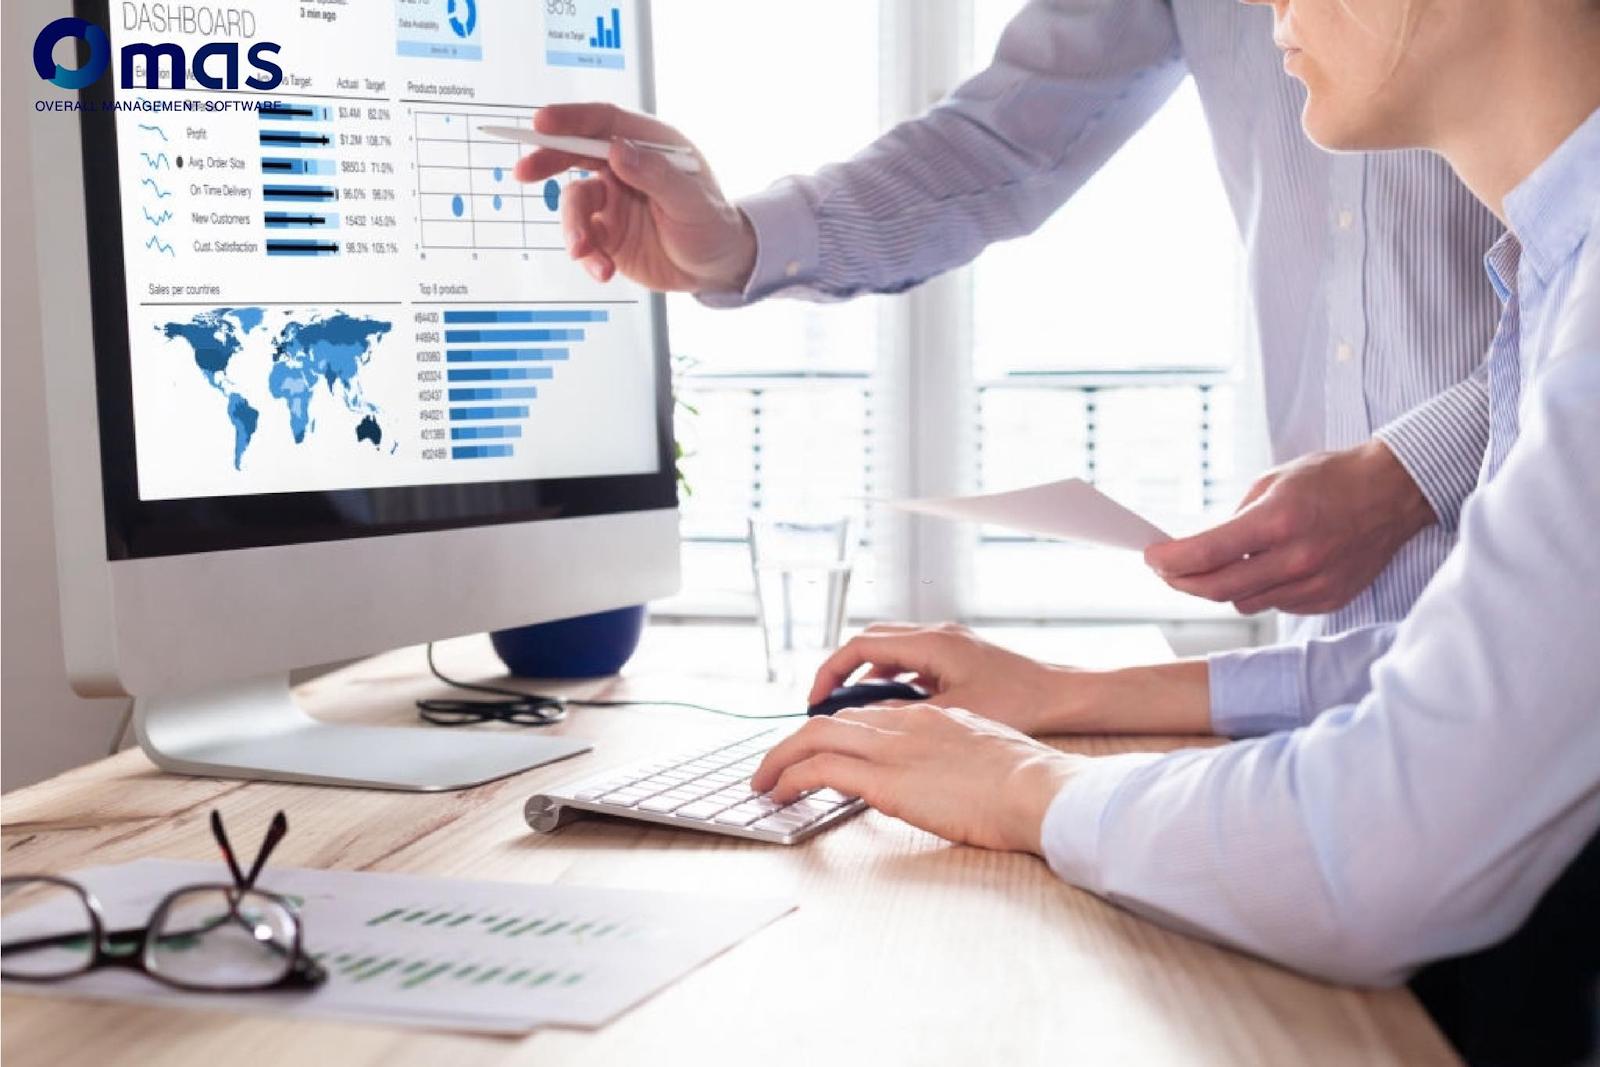 Cần thiết lập hệ thống quản lý hoạt động trong công ty